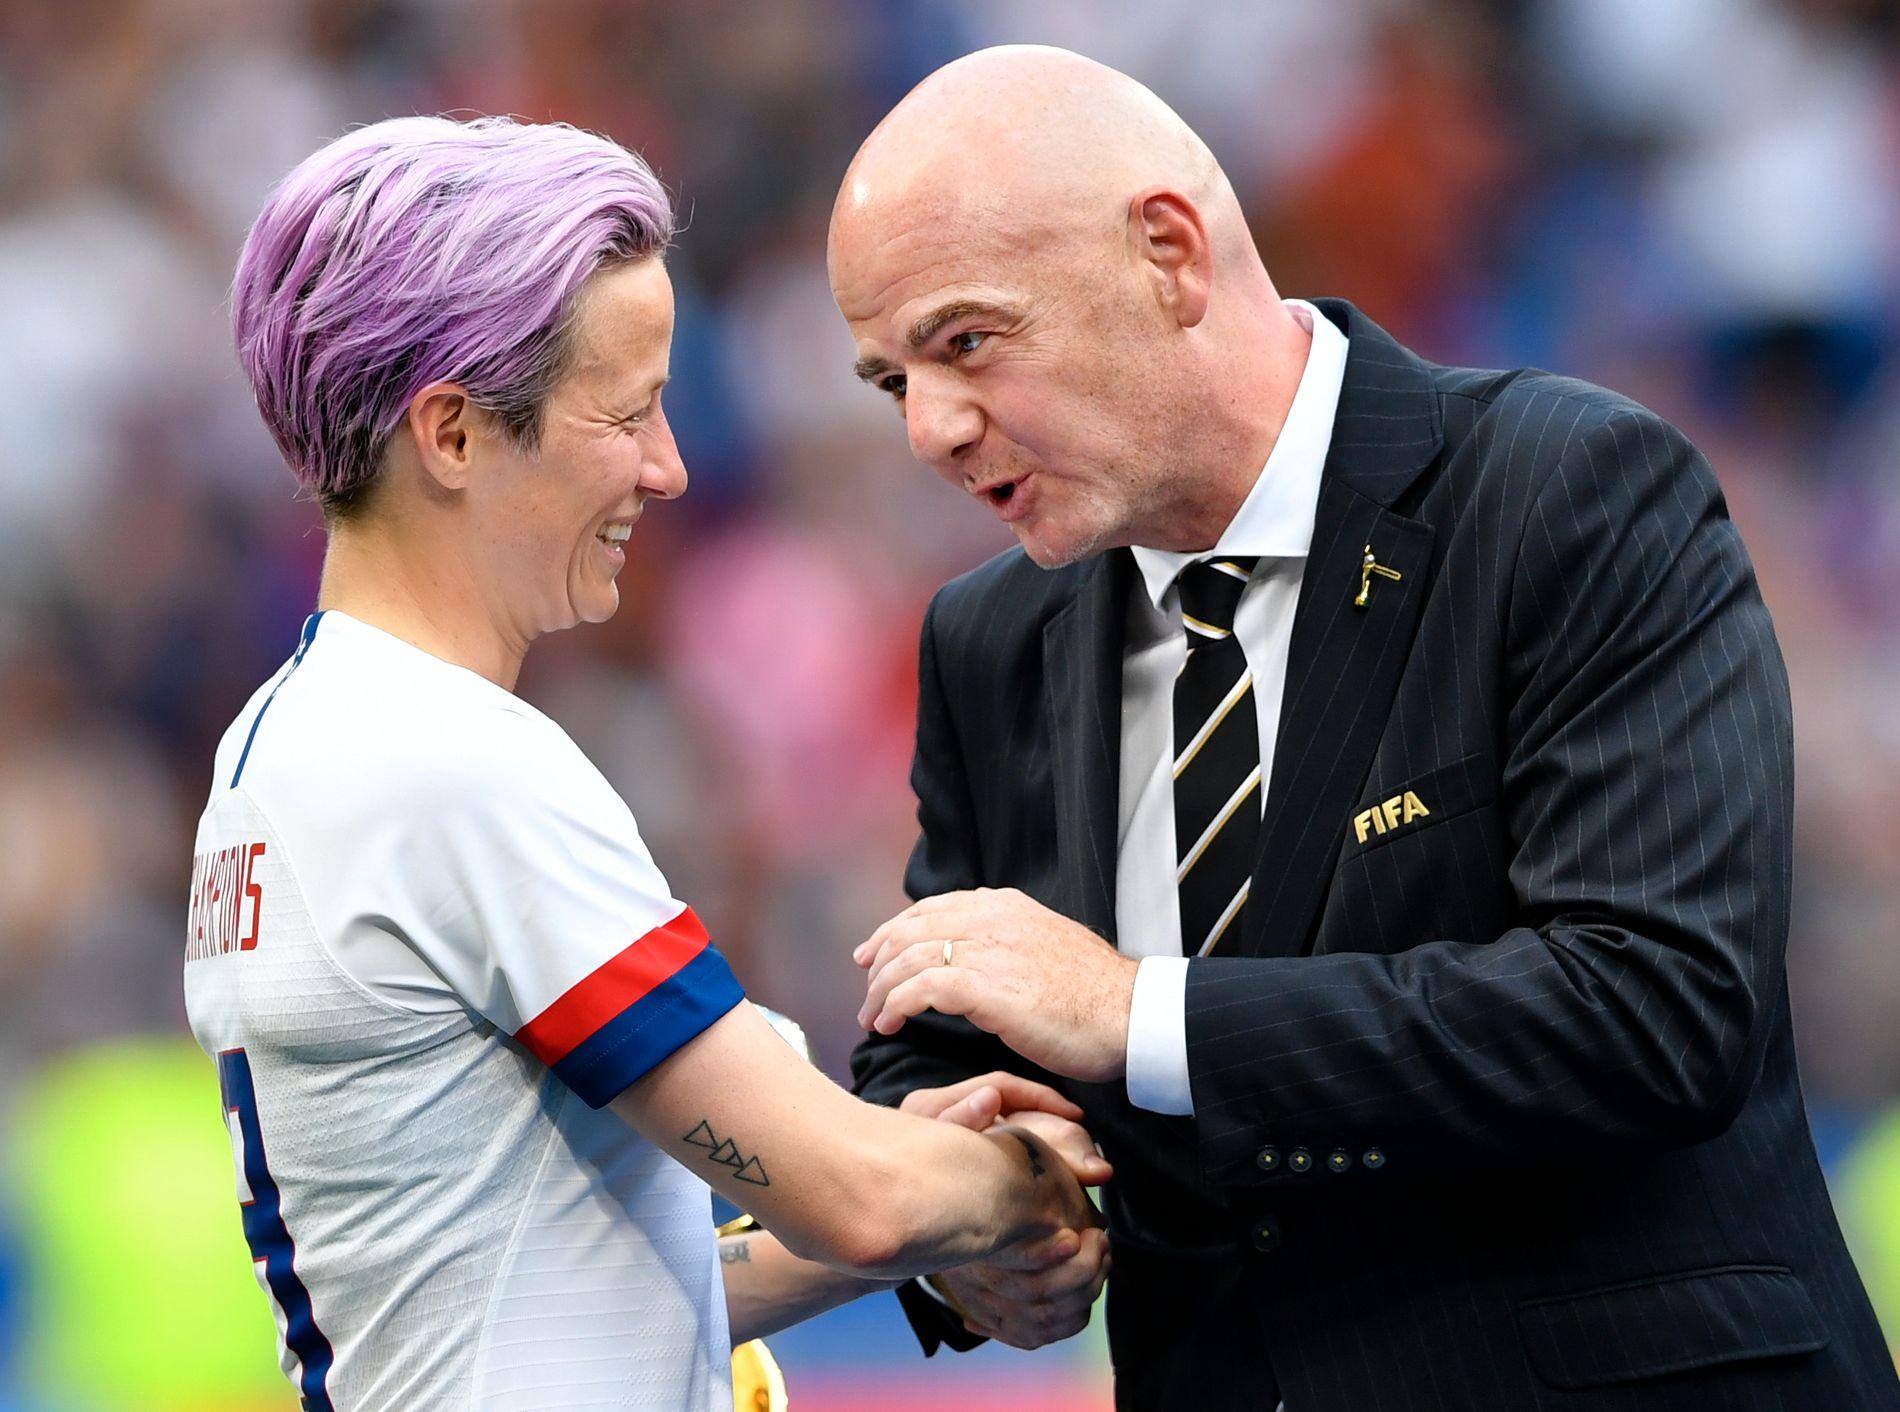 VIL HA SVAR: Megan Rapinoe mener FIFA og Gianni Infantino må gjøre mer for kvinnelige fotballspillere.